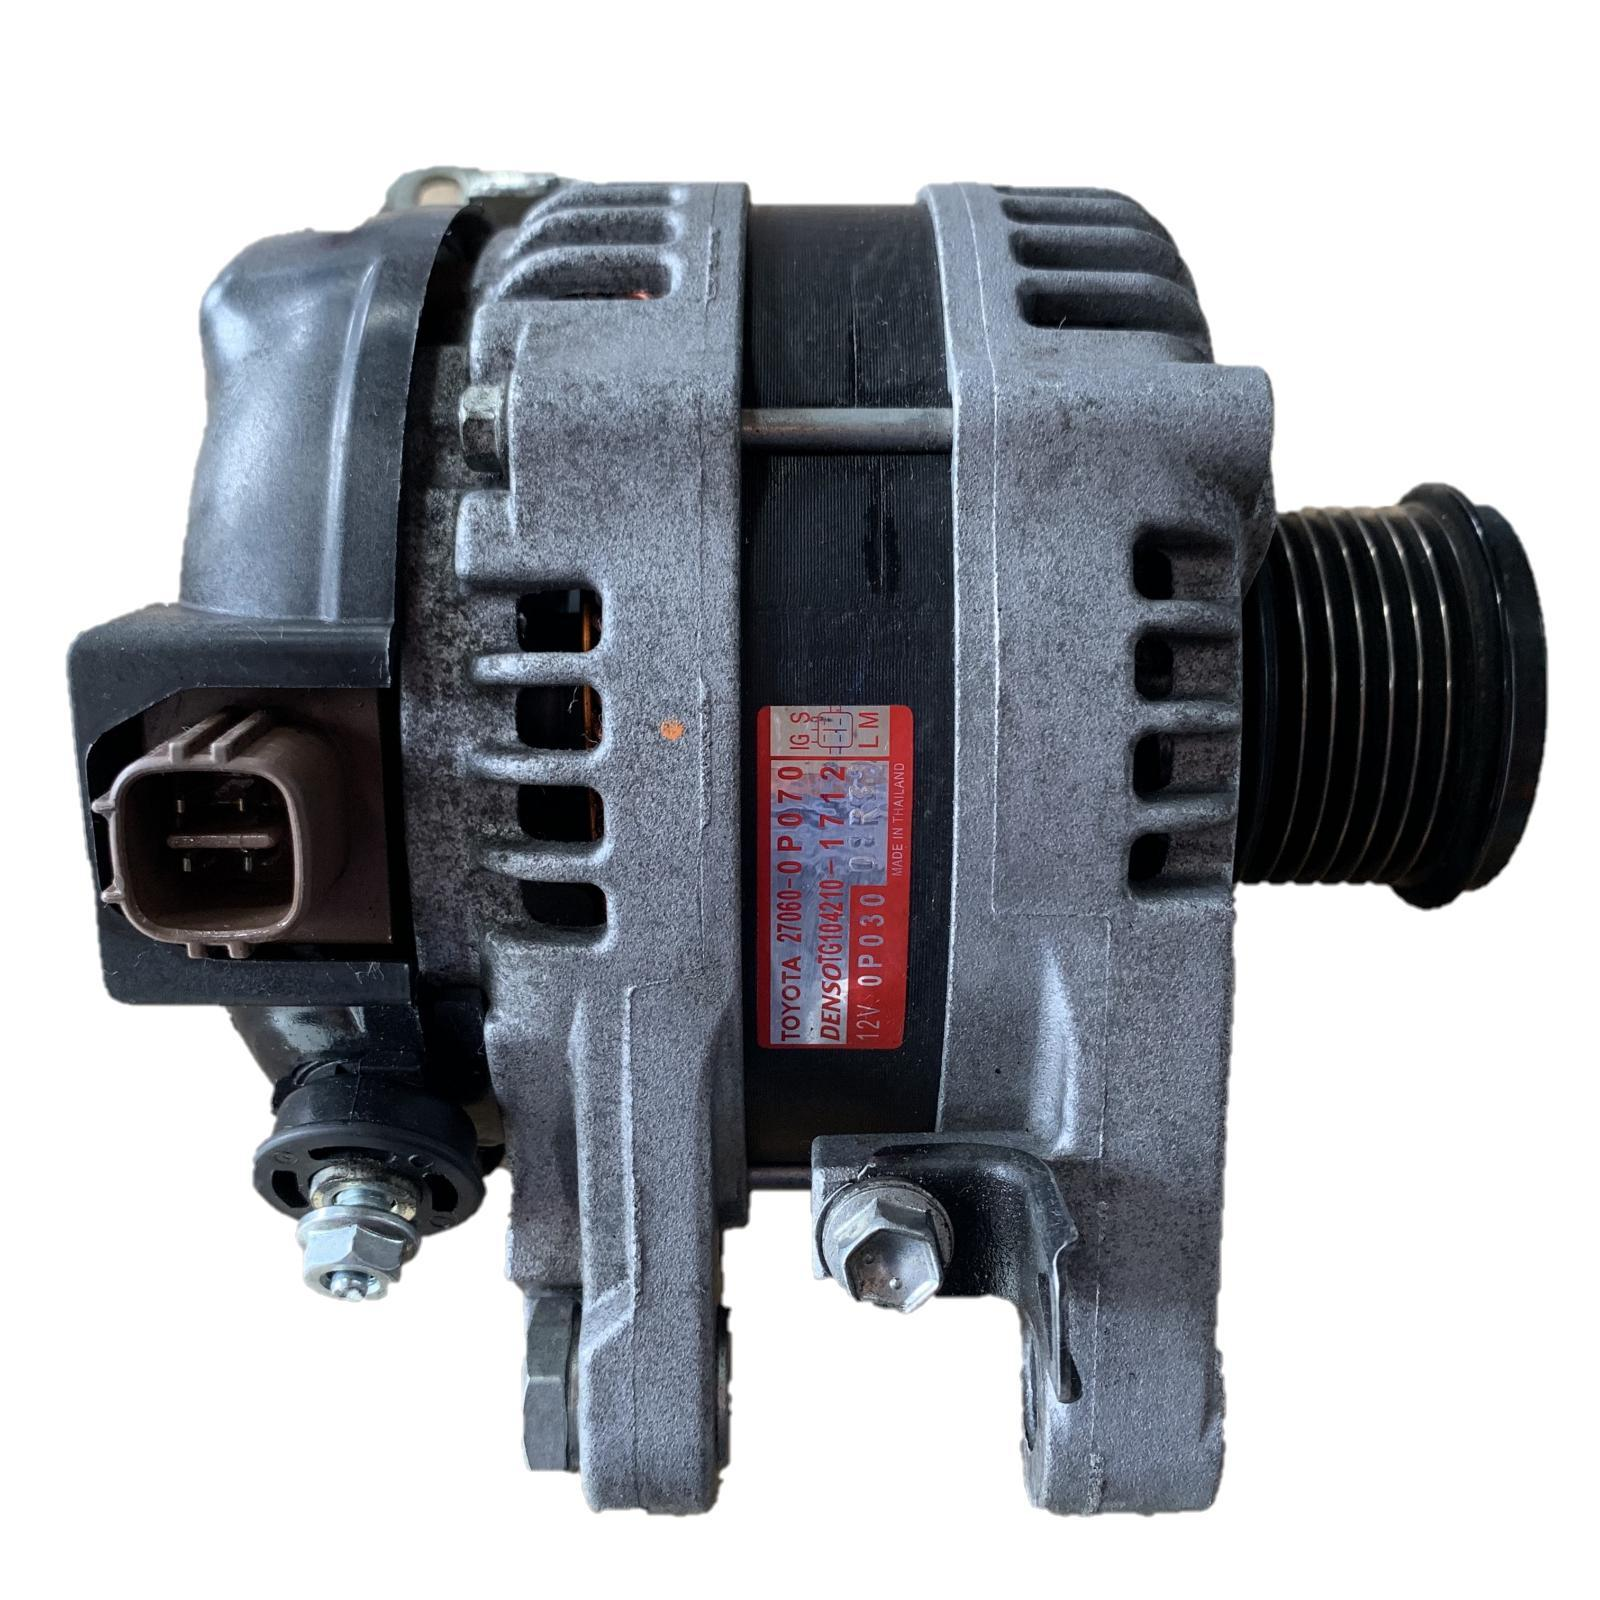 TOYOTA AURION, Alternator, PETROL, 3.5, 2GR-FE, GSV40R, 10/06-03/12